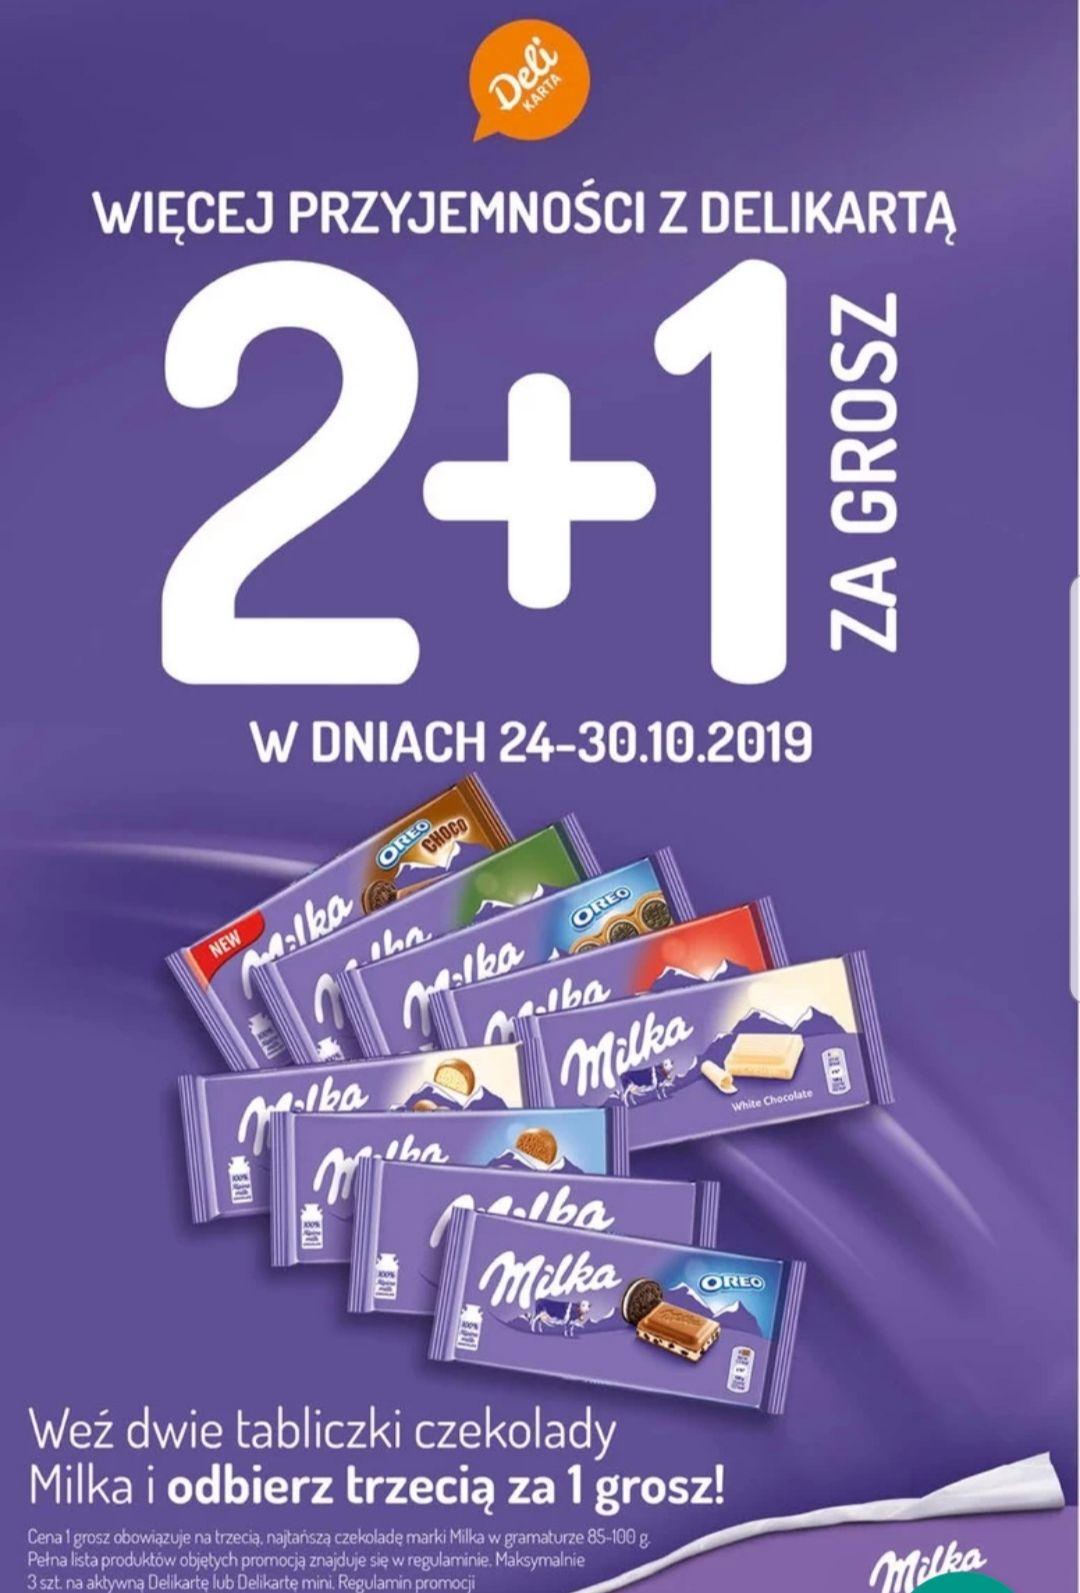 2+1 za grosz na czekolady Milka - Delikatesy Centrum